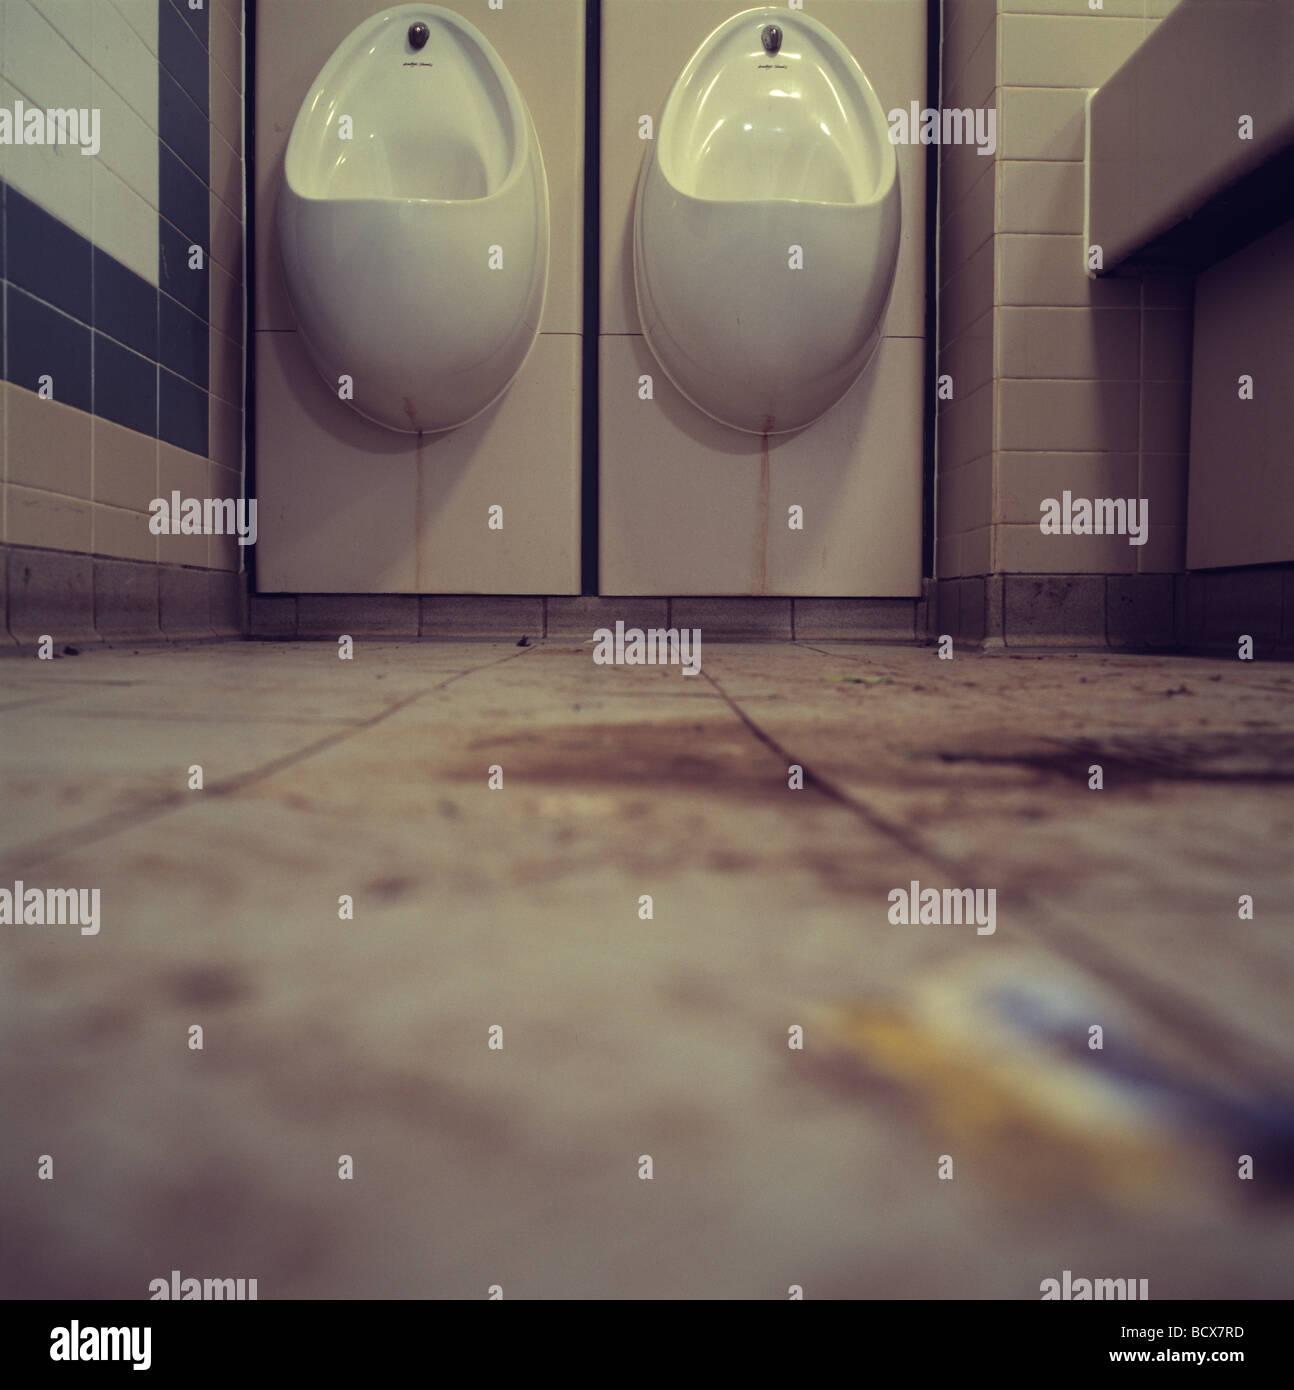 Urinale in schmutziges Badezimmer Stockfoto, Bild: 25163137 - Alamy